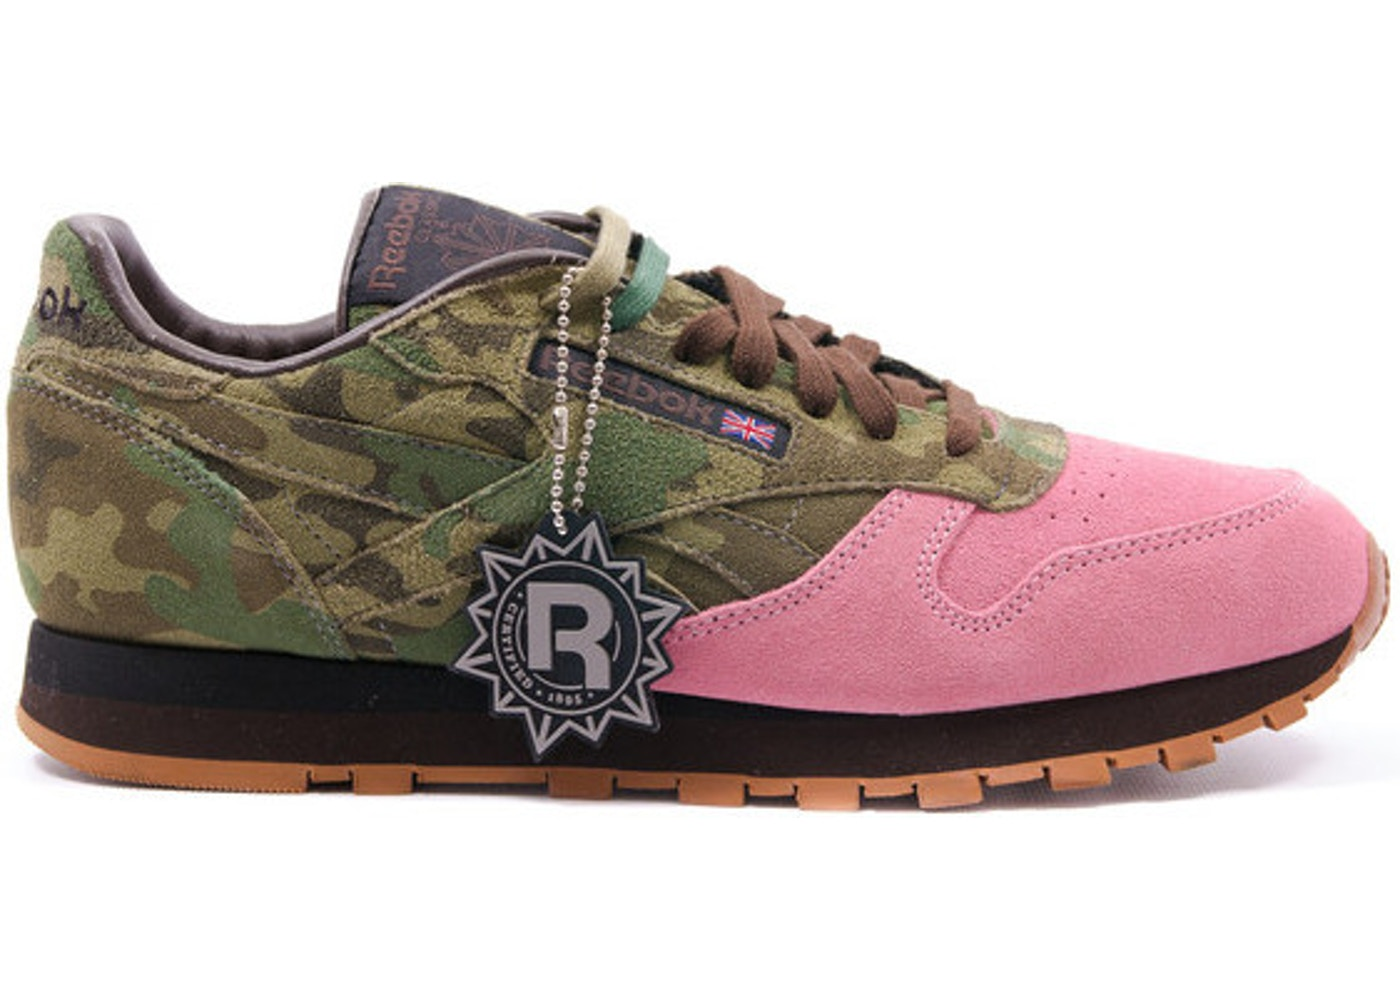 8848fc33577 ... Reebok Shoe Gallery x Reebok Classic Leather 30th Anniversary Reebok  Classic Leather R12 Shoe Gallery .